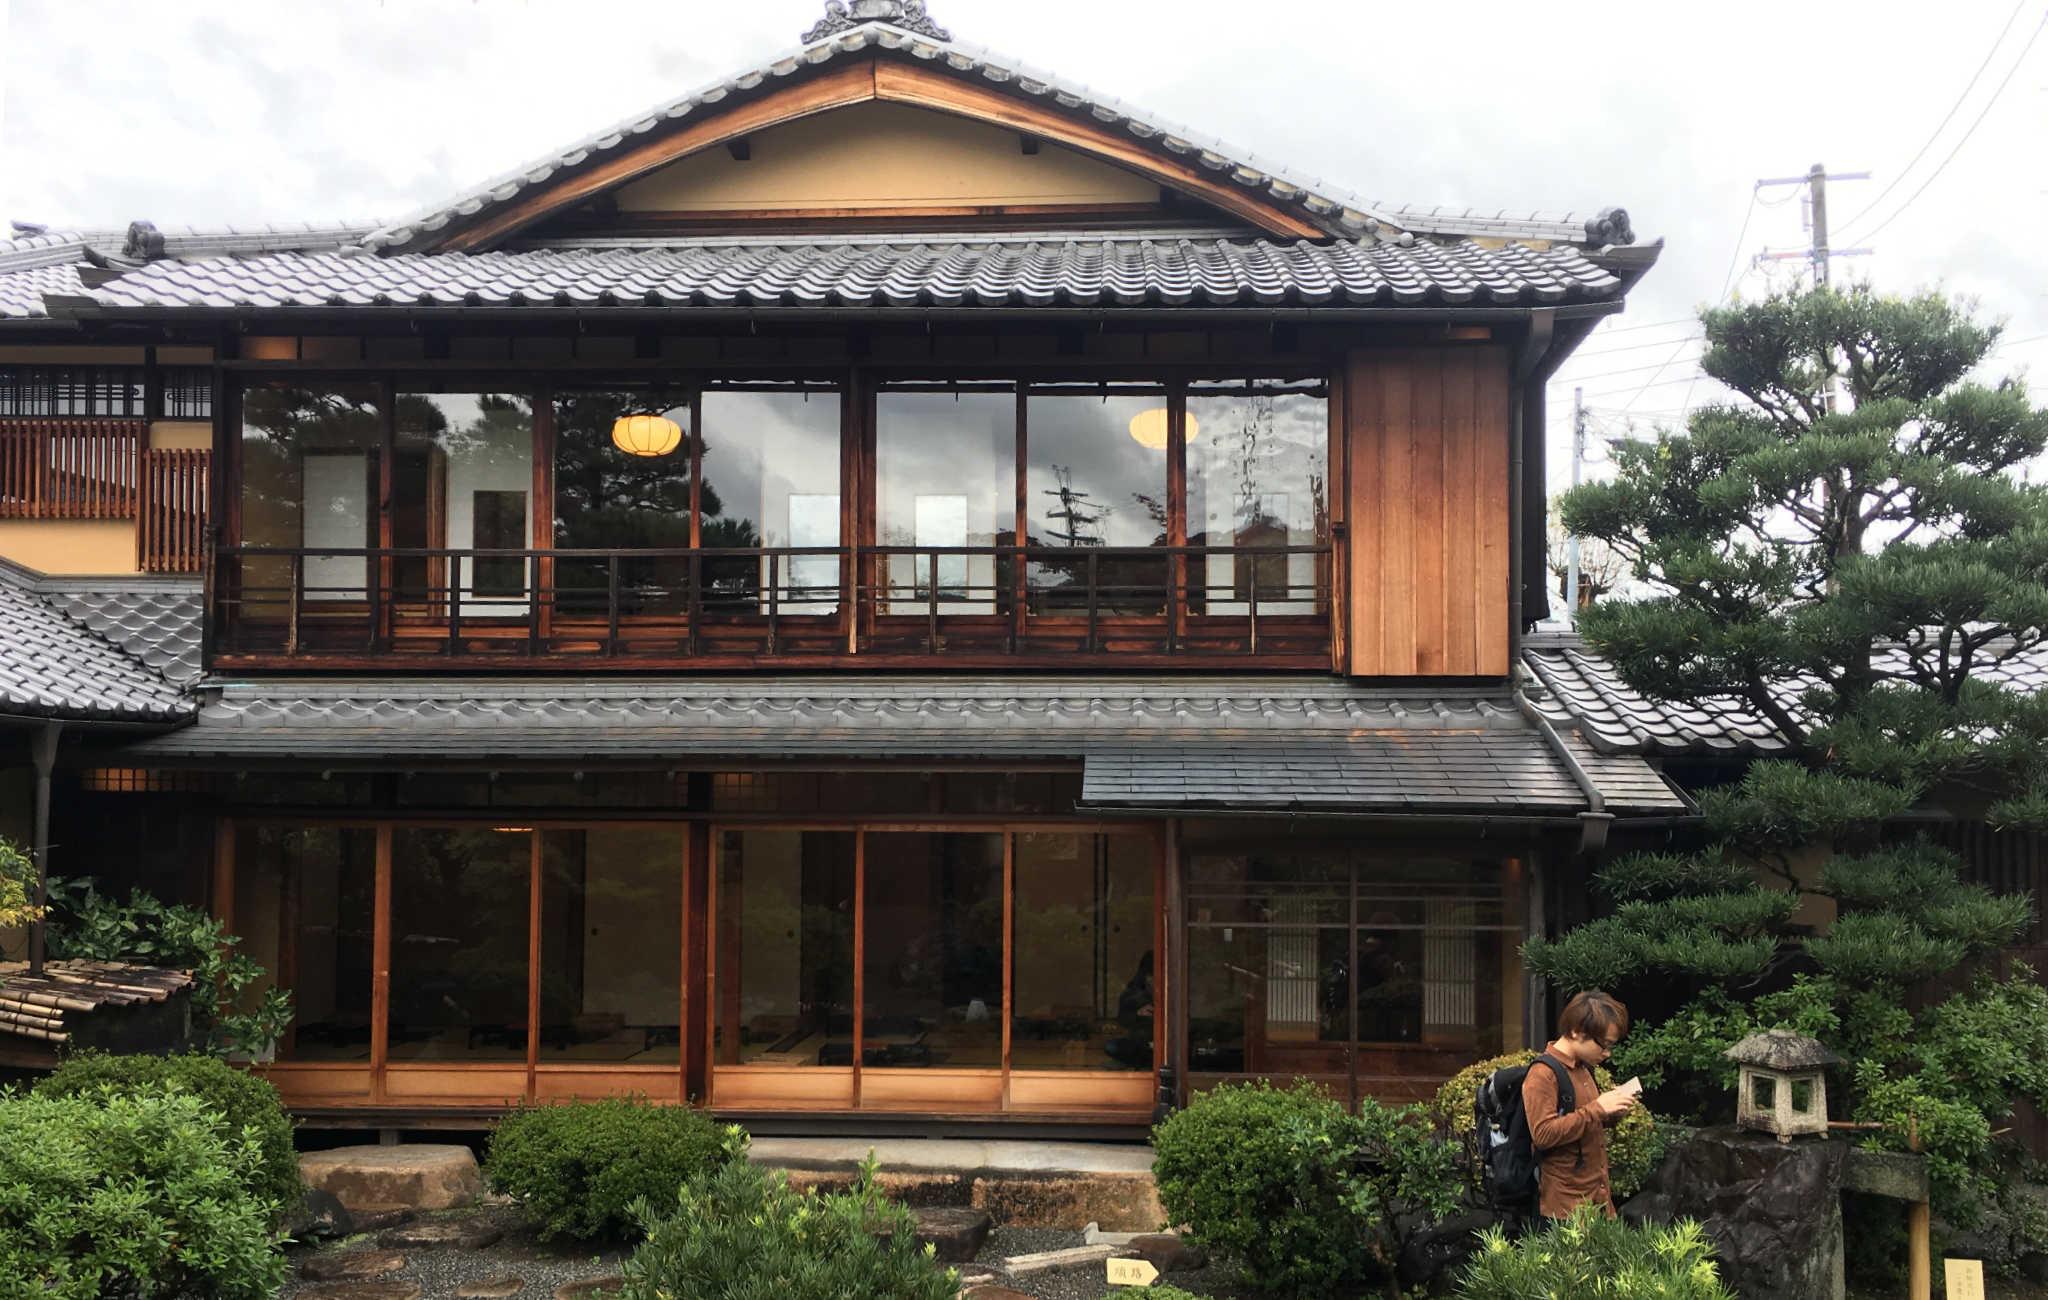 Une magnifique maison de thé en bordure du chemin des philosophes dans laquelle prendre le temps de prendre un thé matcha